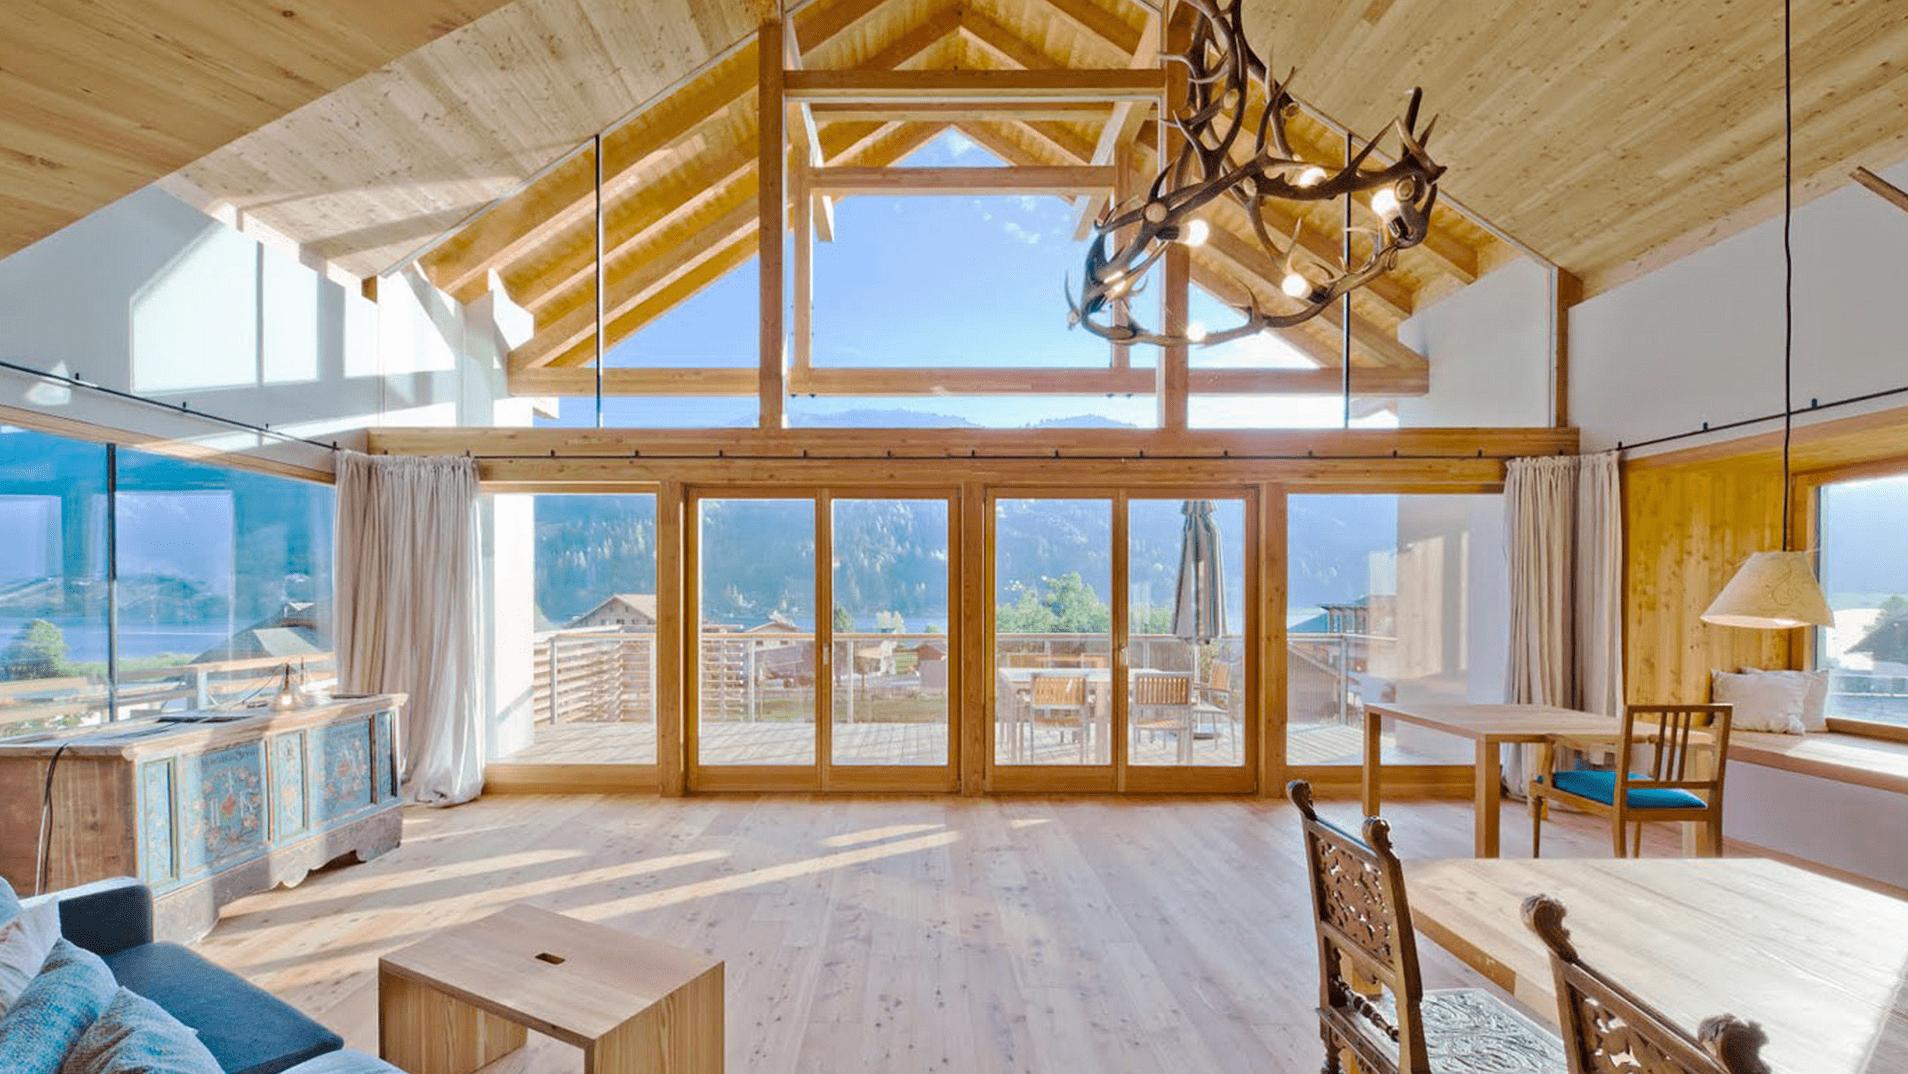 Casa de Baños en Carinthia diseño de Peter Jungmann